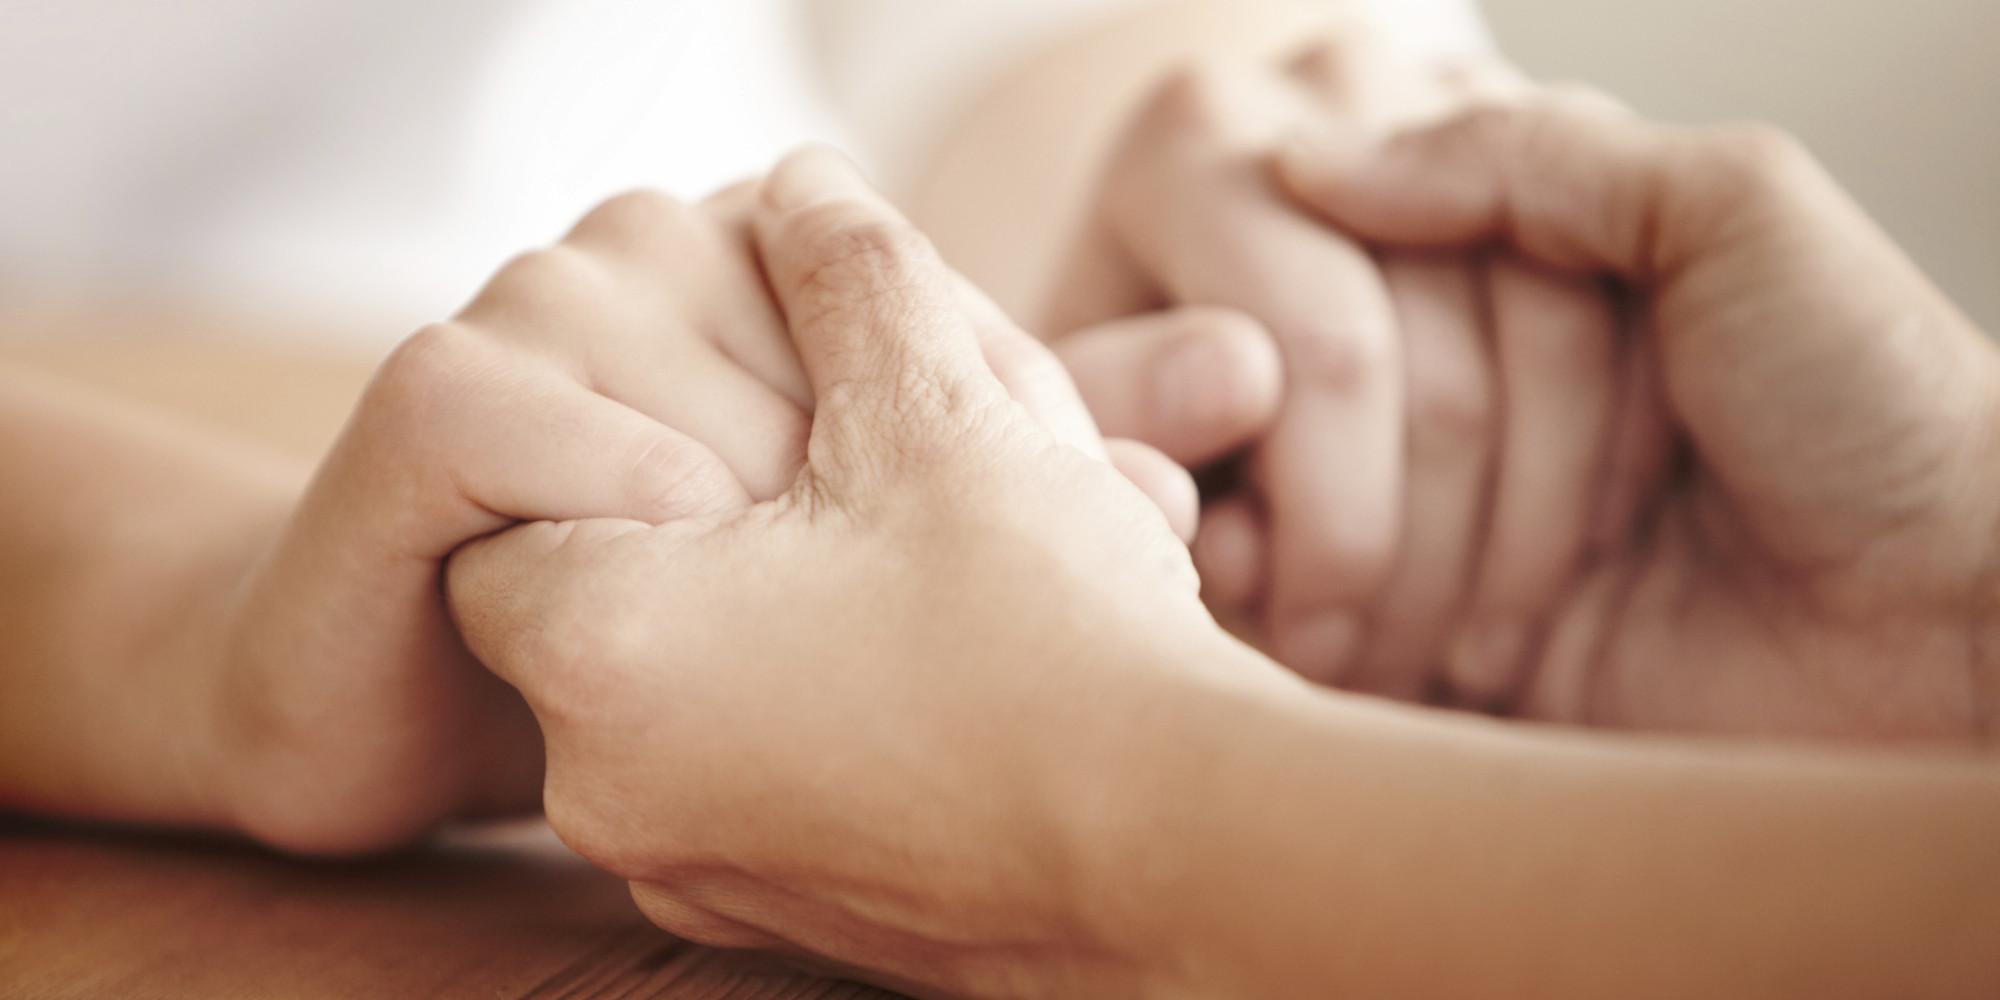 3 câu chuyện giúp bạn thêm tin rằng: Lòng tốt luôn hiện hữu xung quanh chúng ta